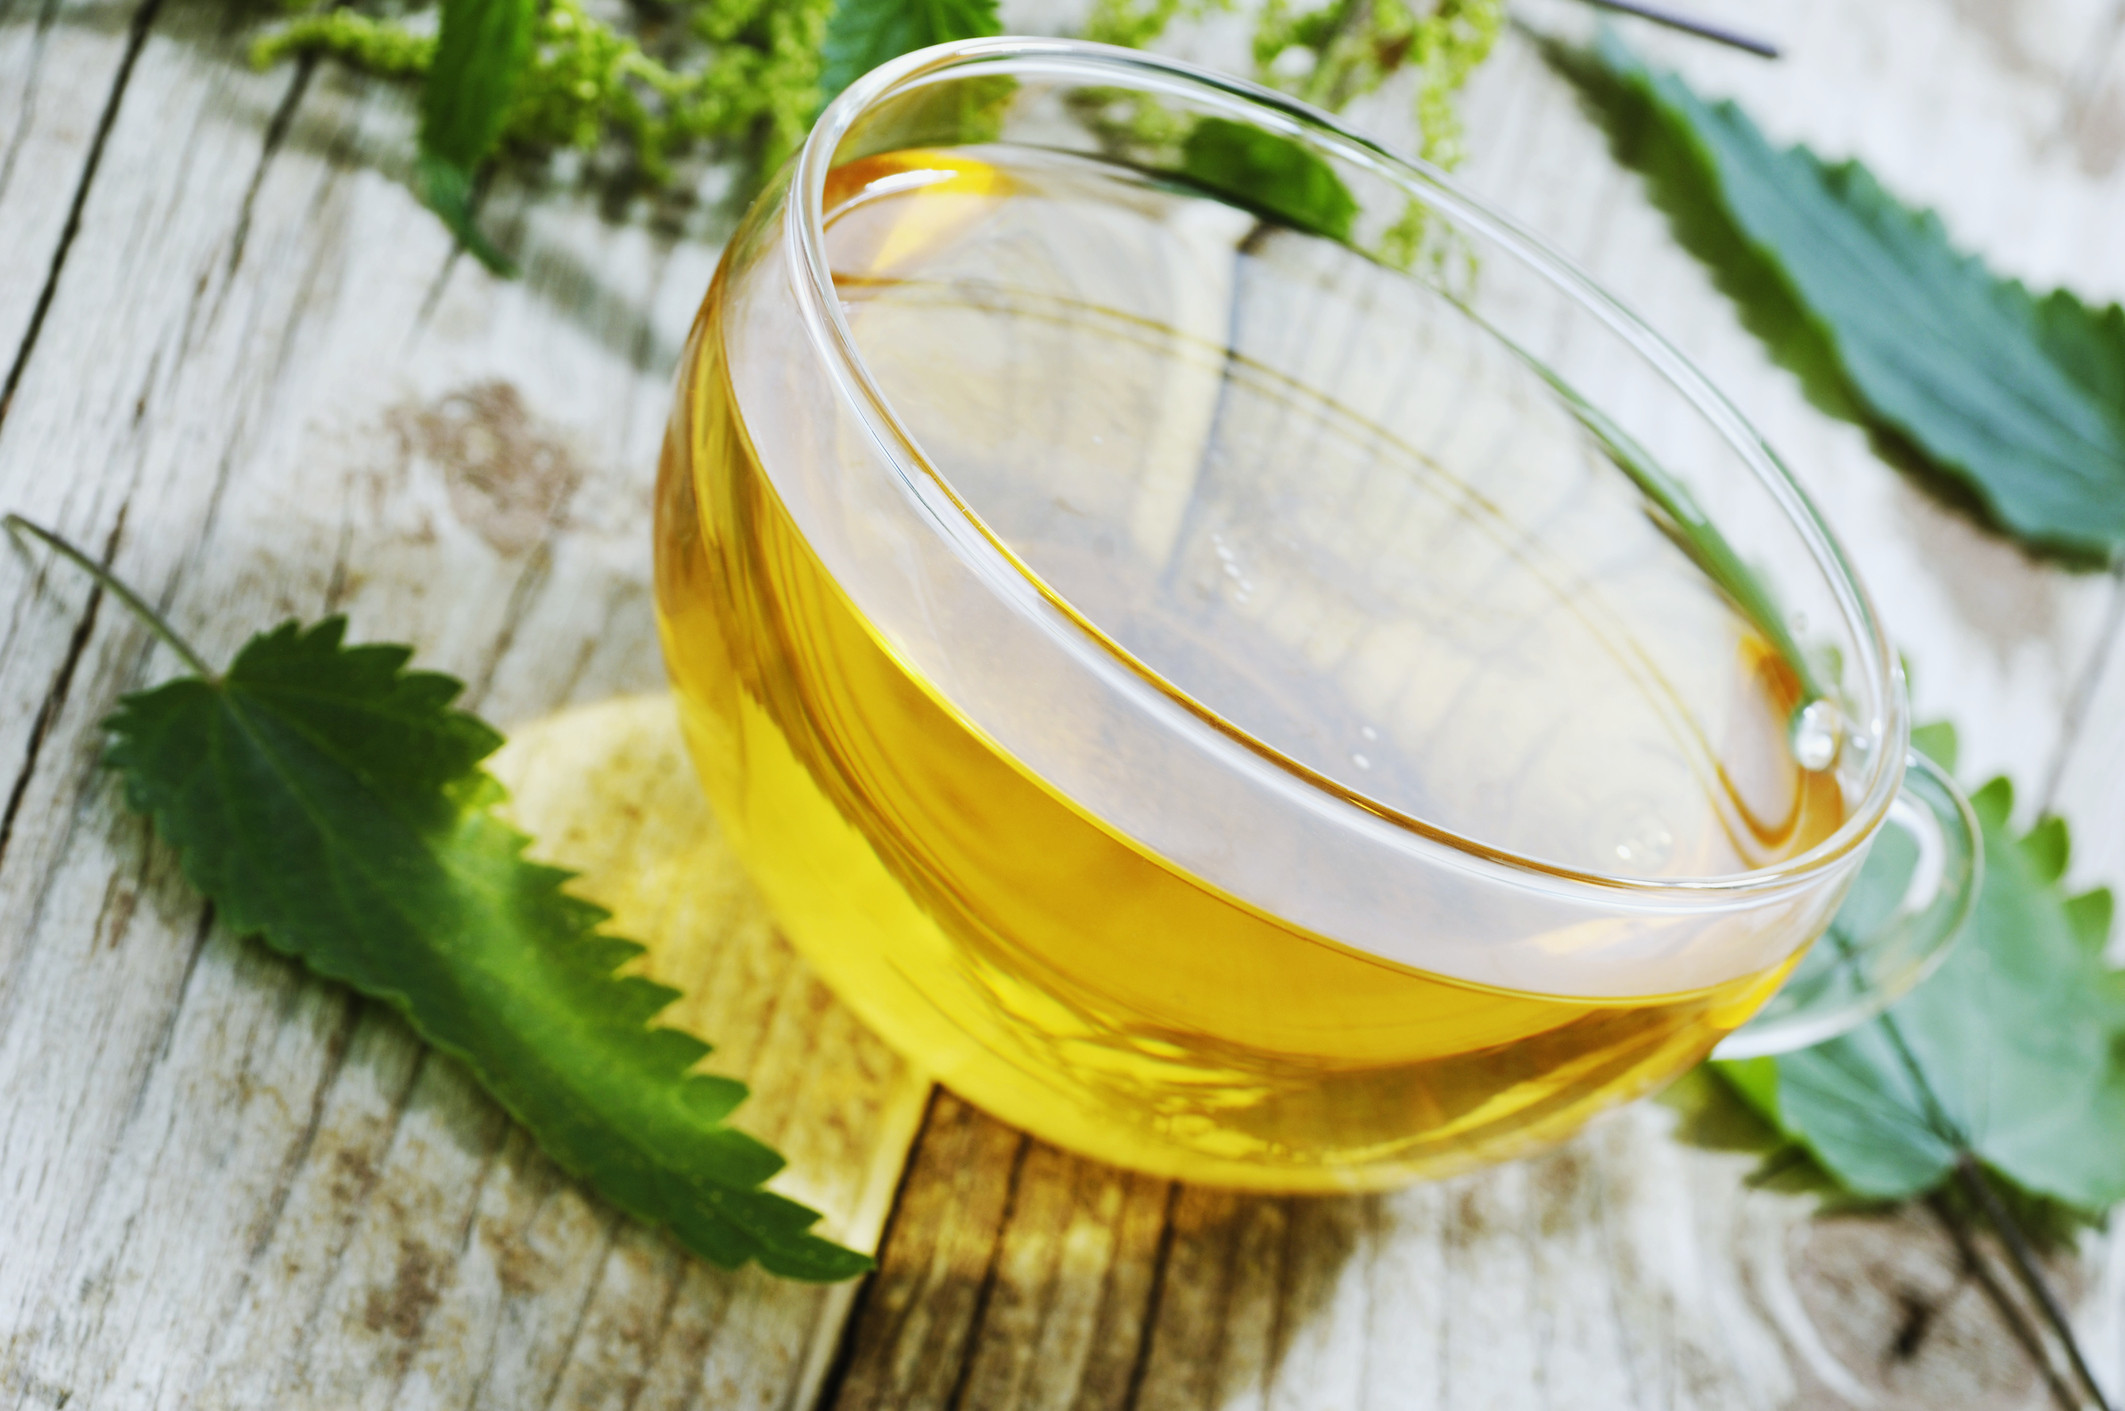 Чай из крапивы: польза и вред, 10 полезных свойств и применение